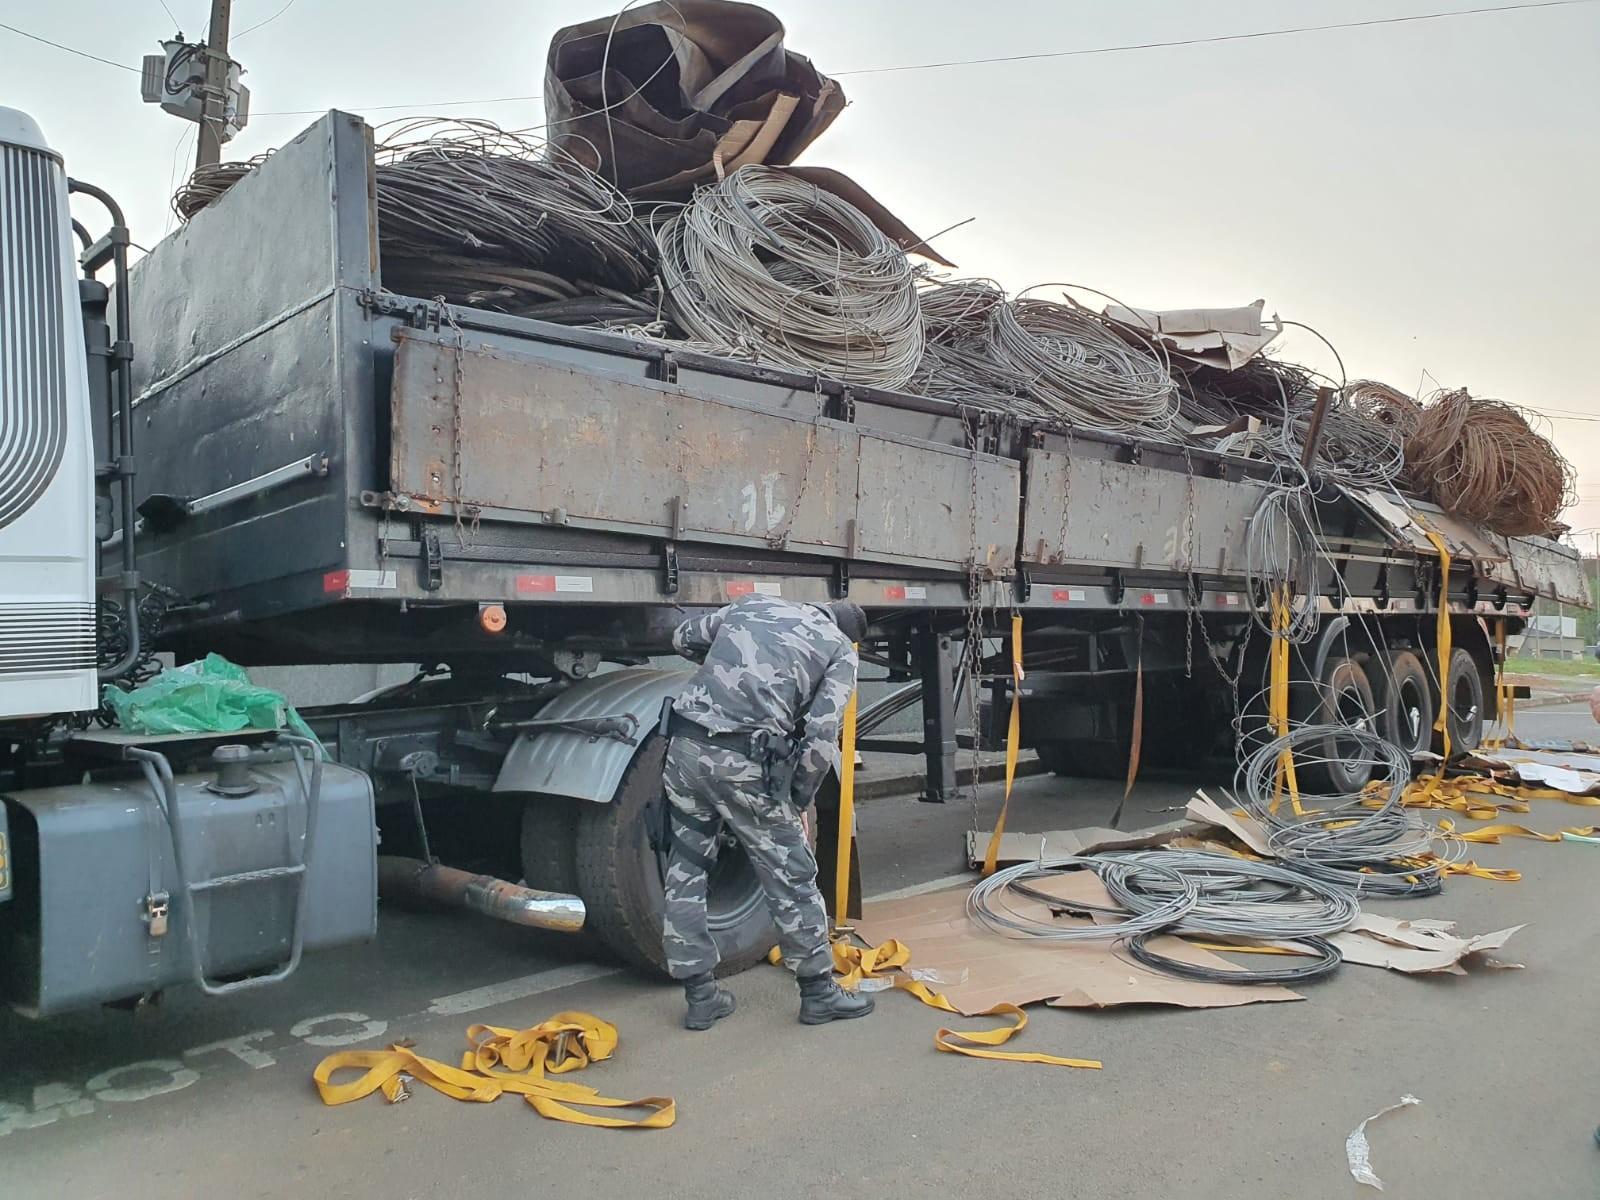 Caminhão estraga, para em posto de combustíveis e polícia encontra tabletes e fardos de maconha no veículo, em Candói